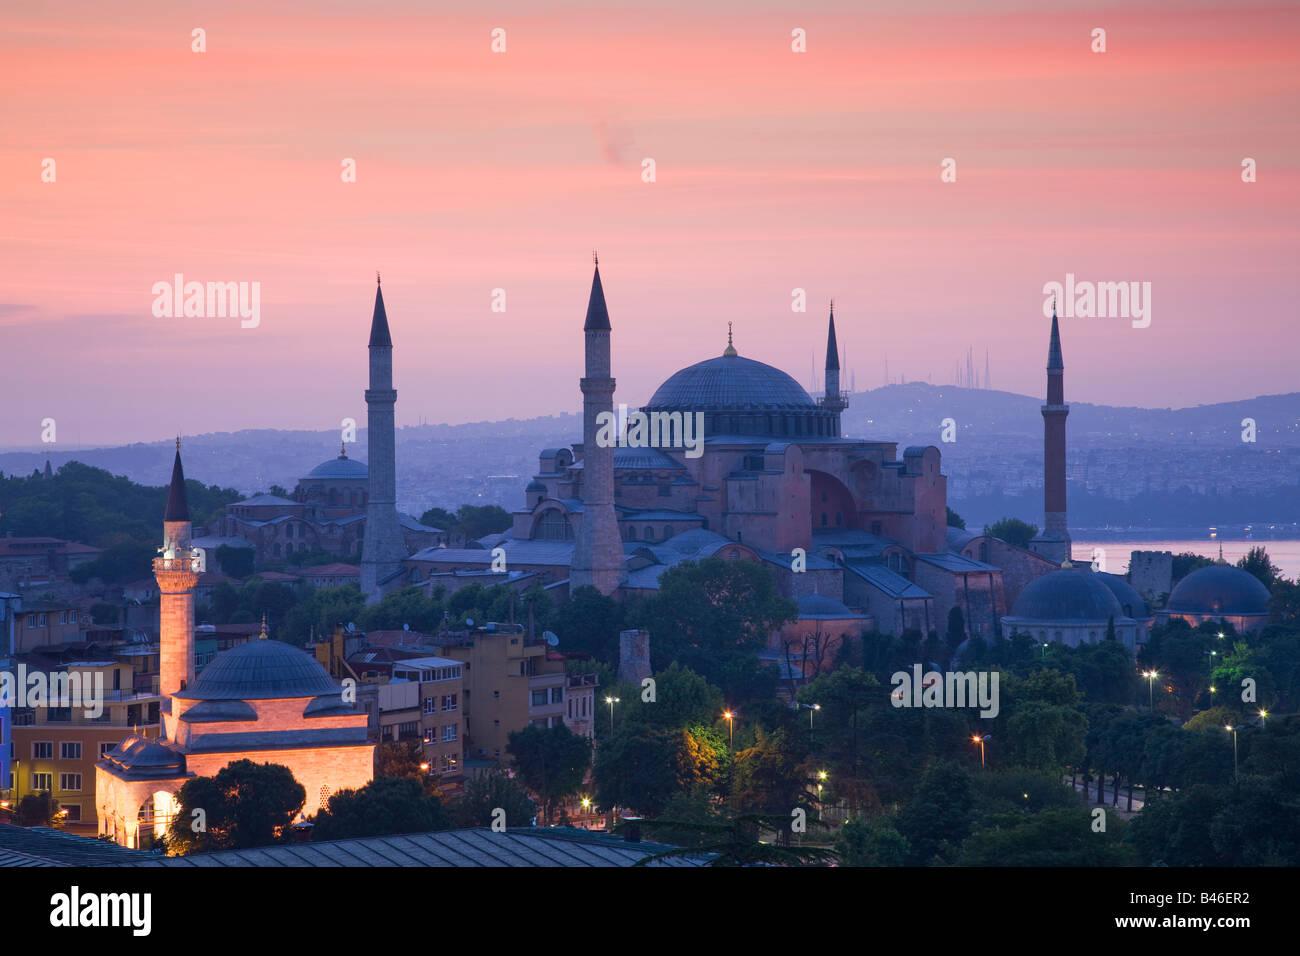 Turchia Istanbul vista in elevazione dell'Hagia Sophia Mosque Immagini Stock